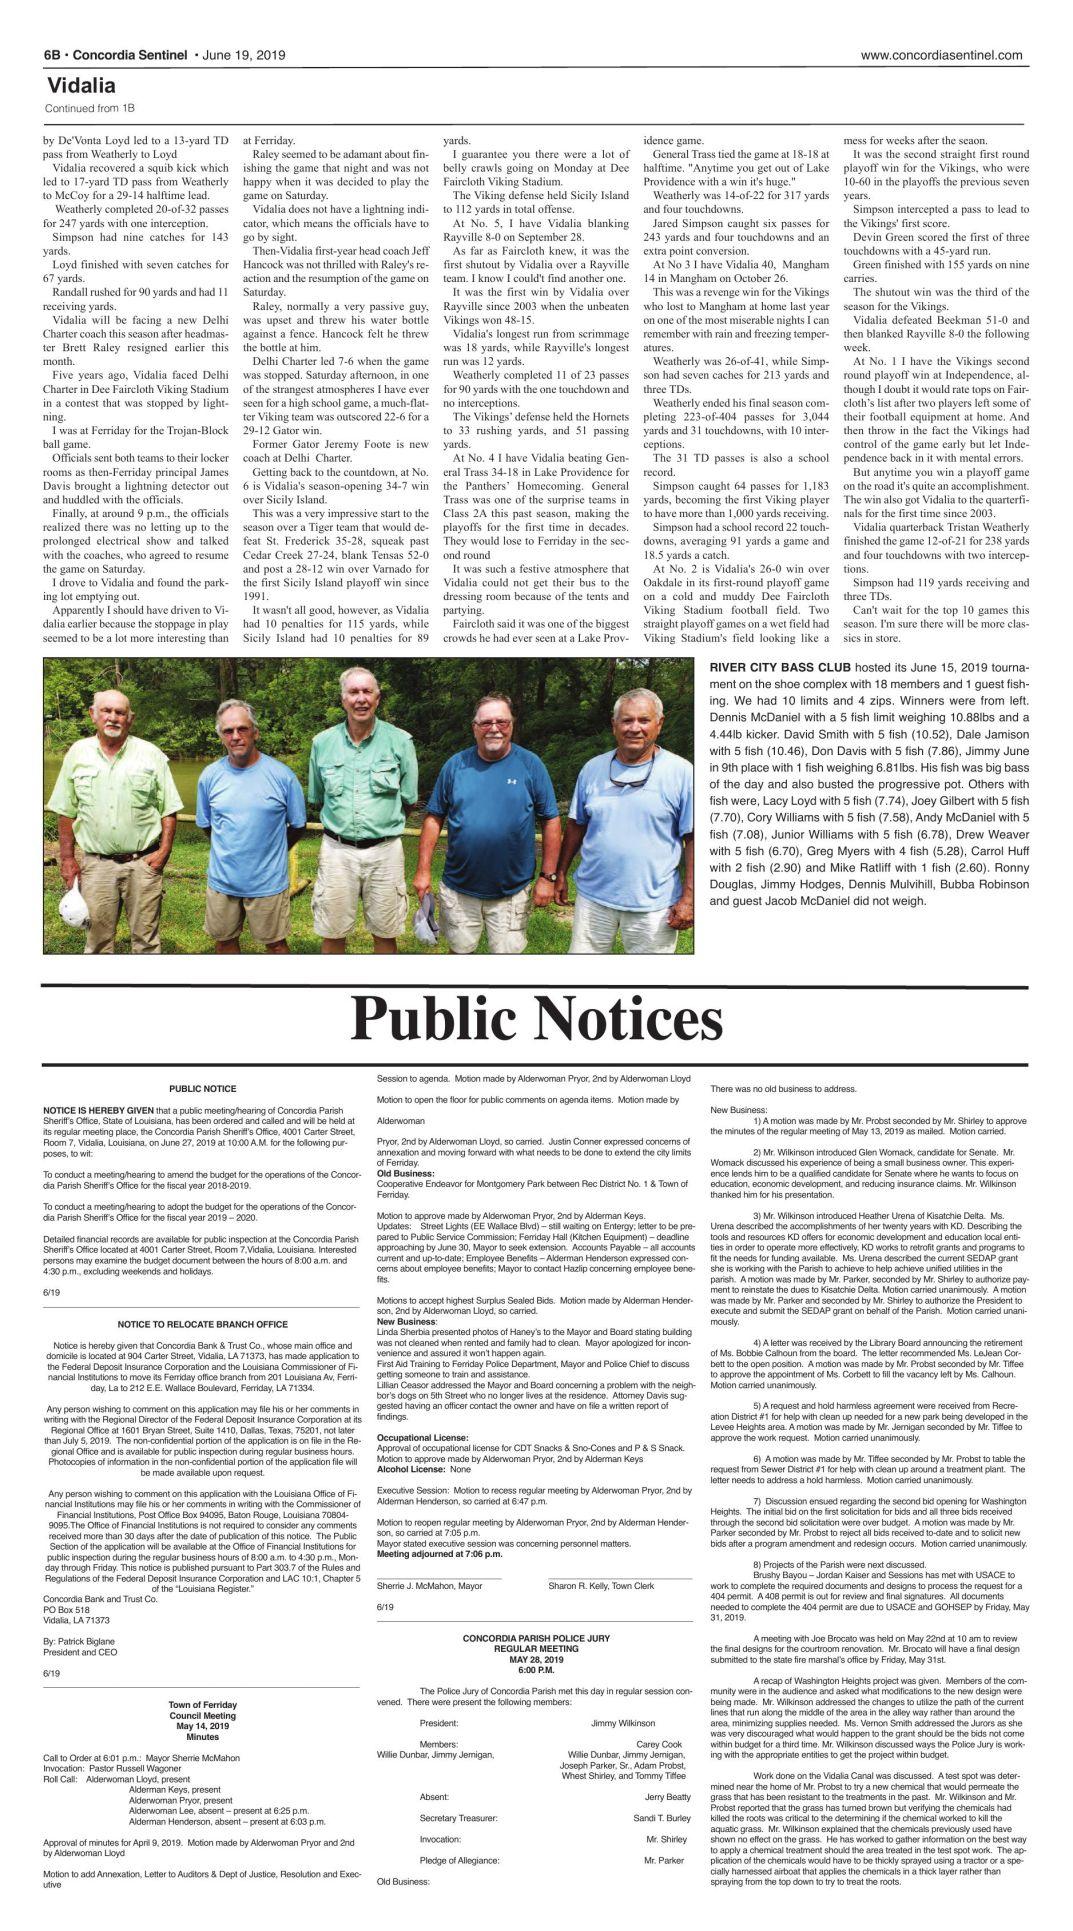 Public Notices - June 19, 2019 | The Concordia Sentinel